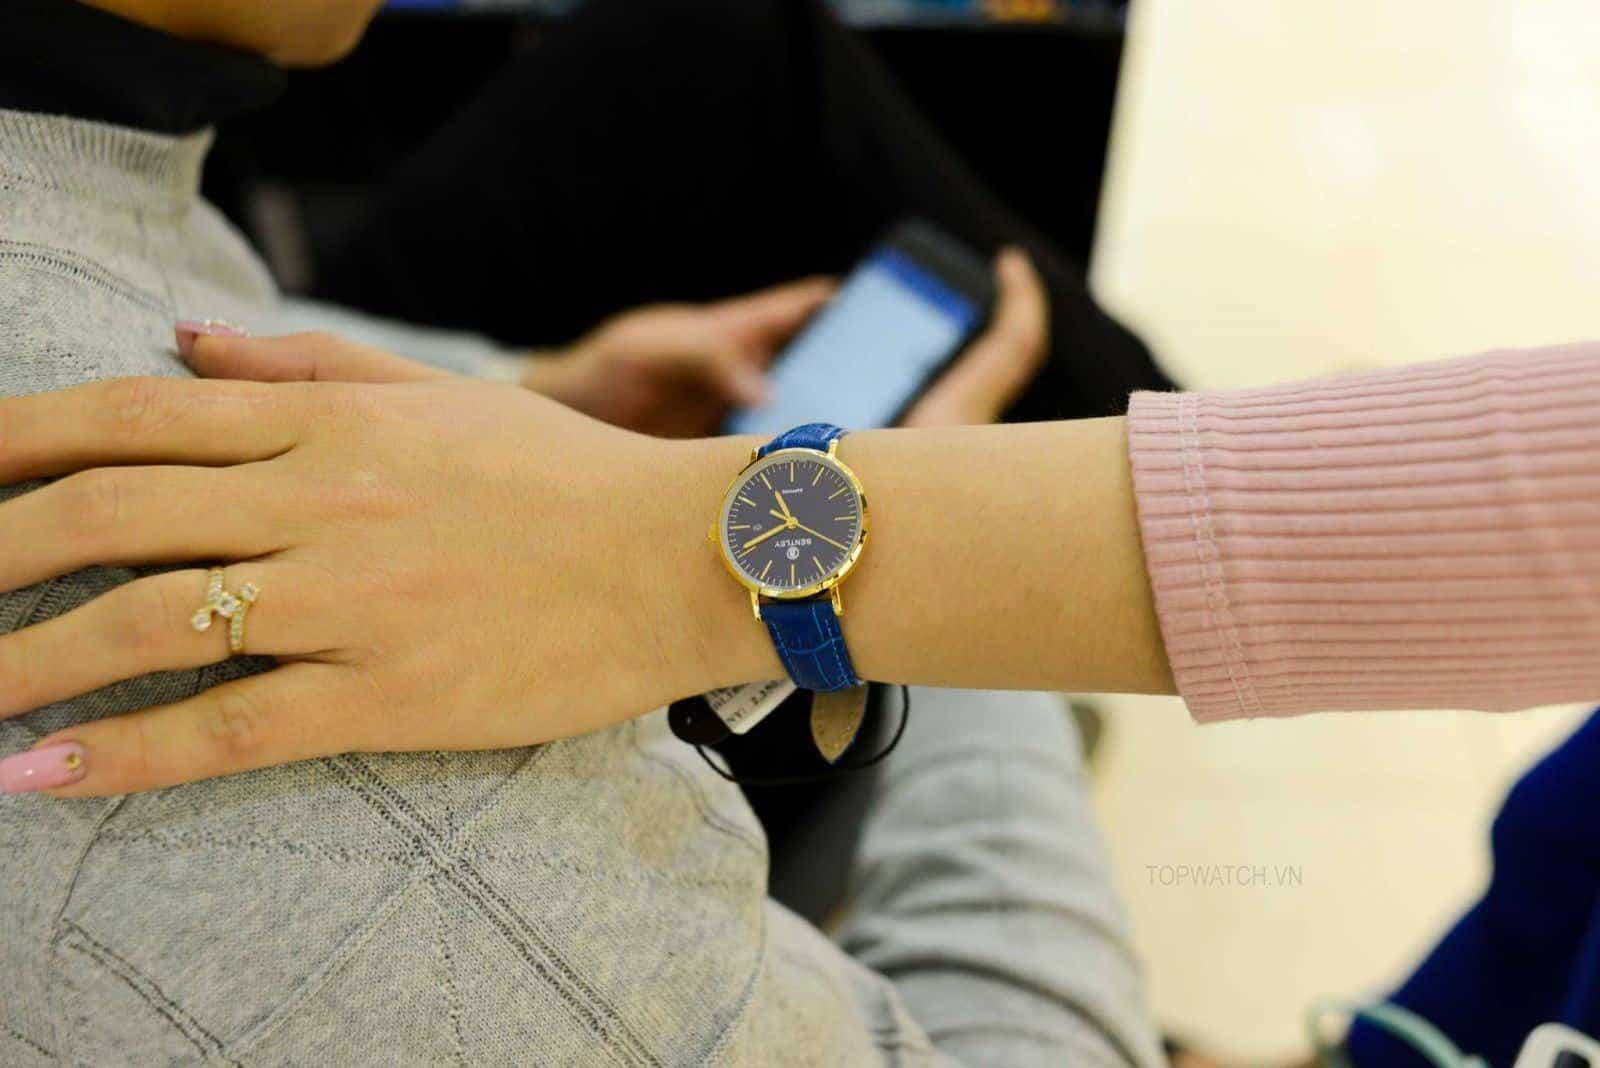 Cách chọn đồng hồ cho nữ tay nhỏ - Nữ cổ tay nhỏ nên đeo gì?